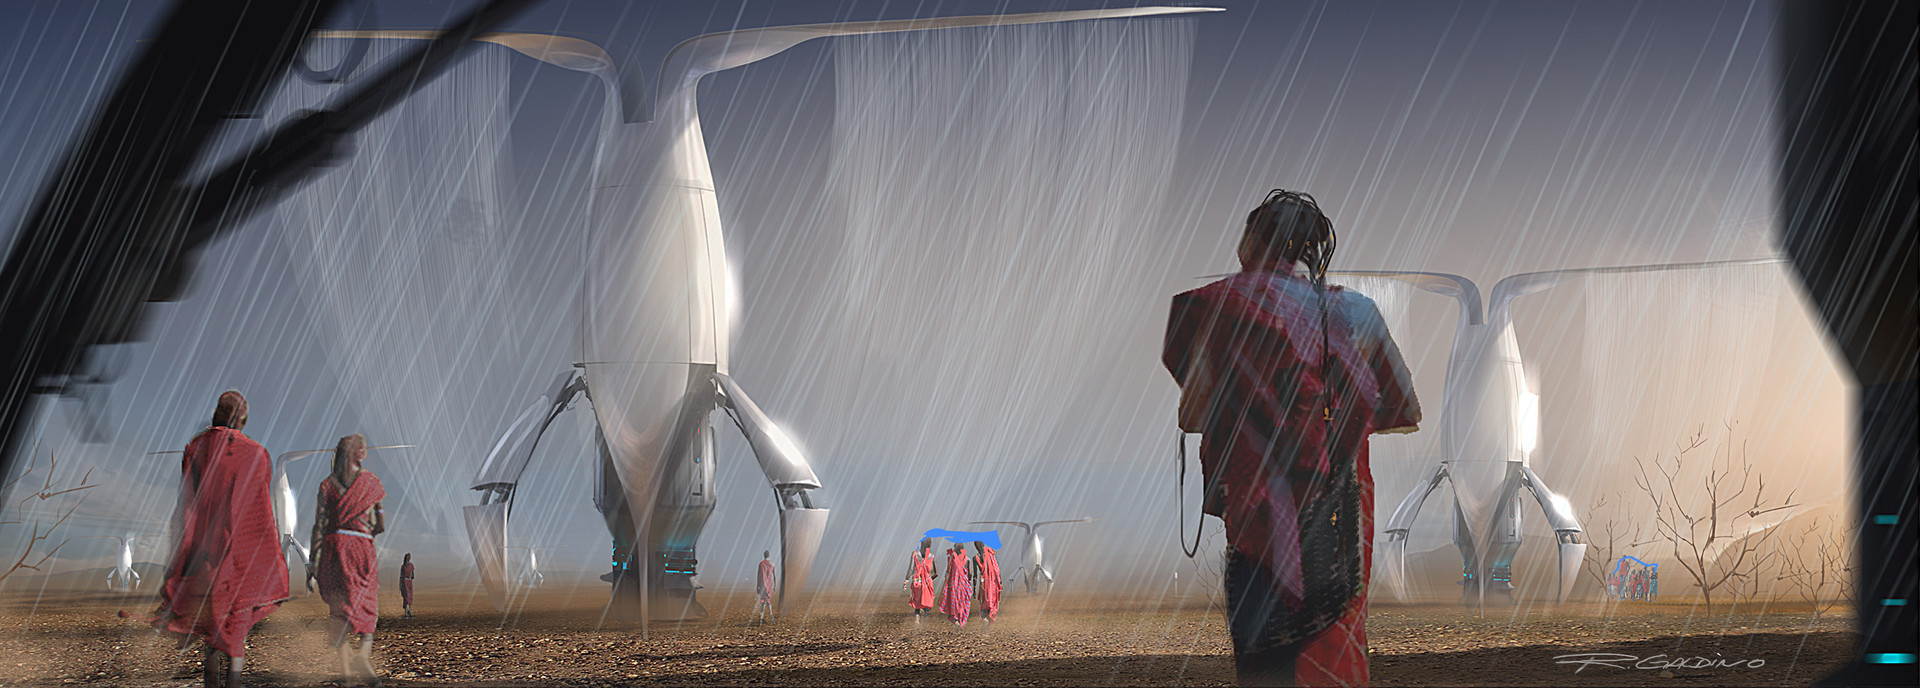 Rain of Blessing